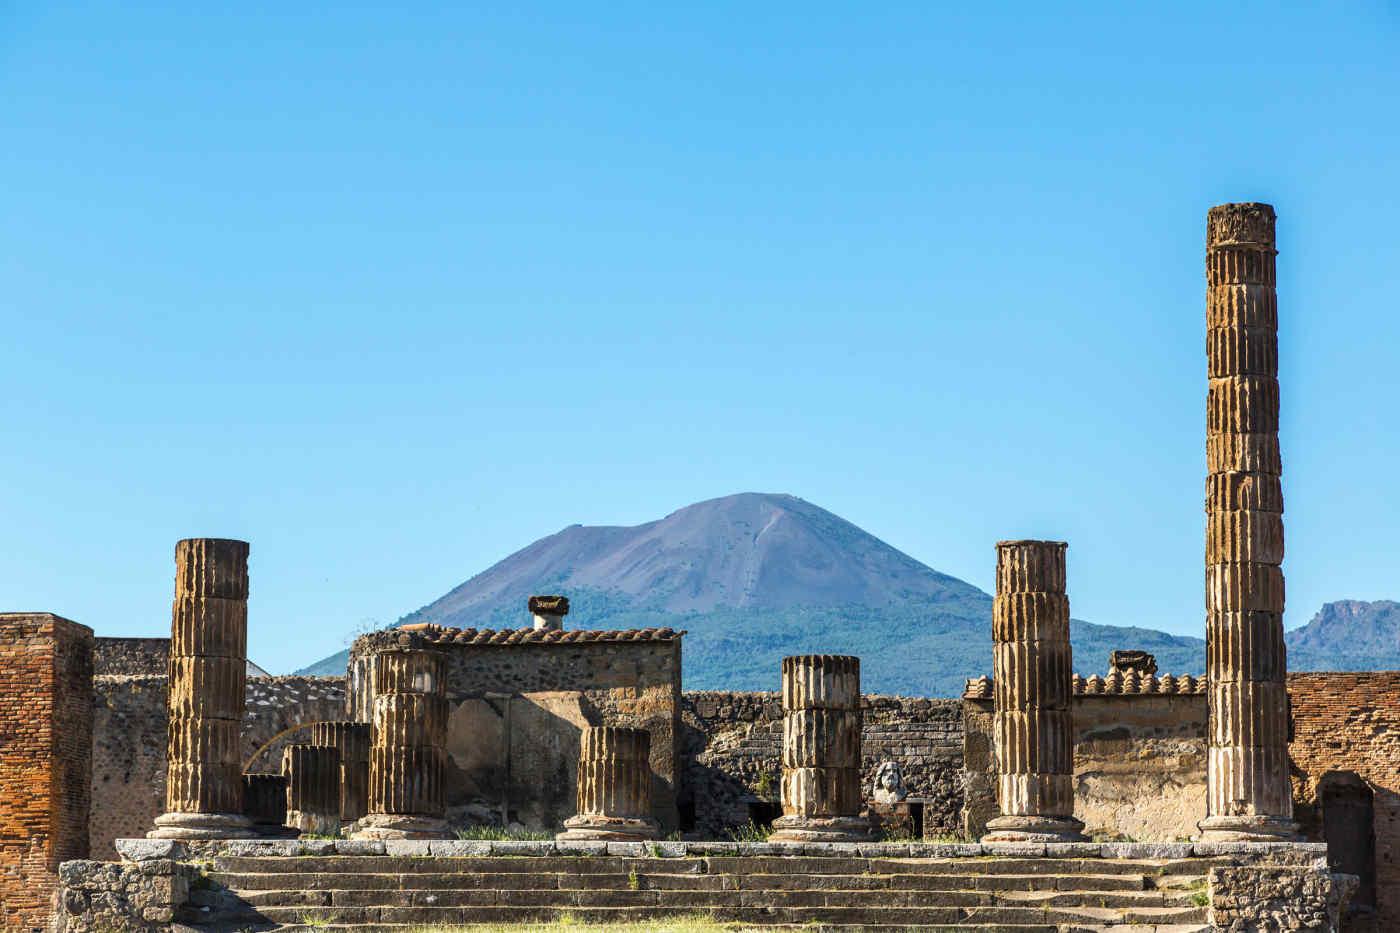 Mt. Vesuvius and the ruins of Pompeii